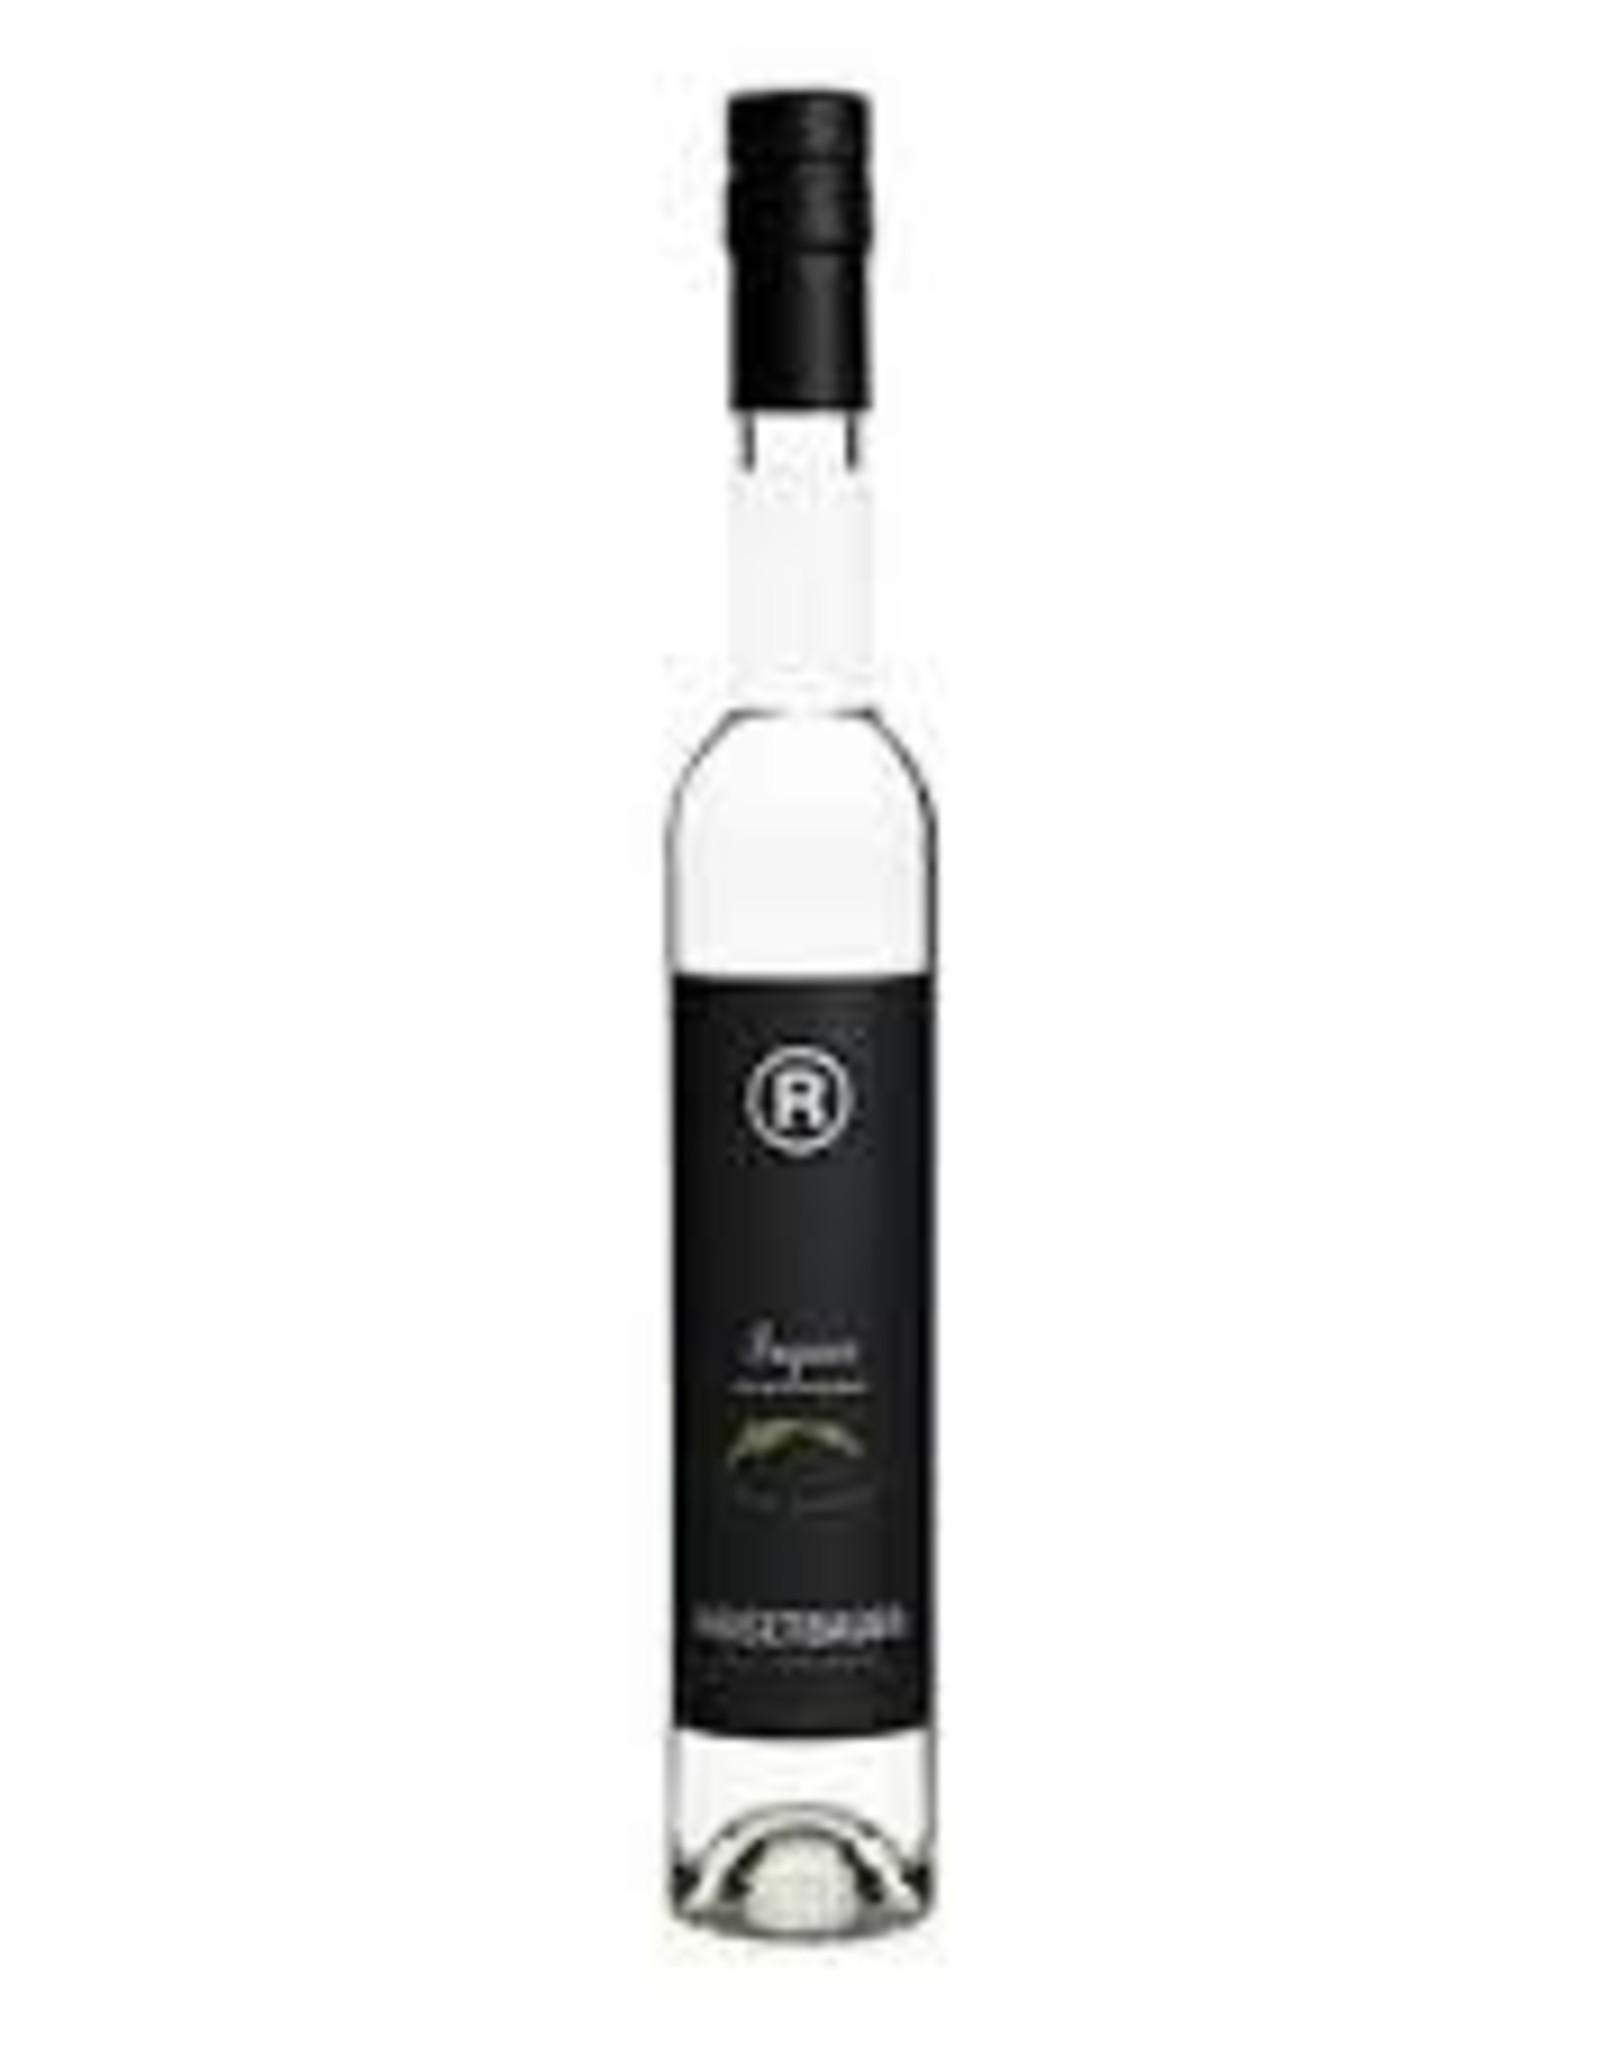 Spirits Hazelnut Eau de Vie, Reisetbauer (375 ml)